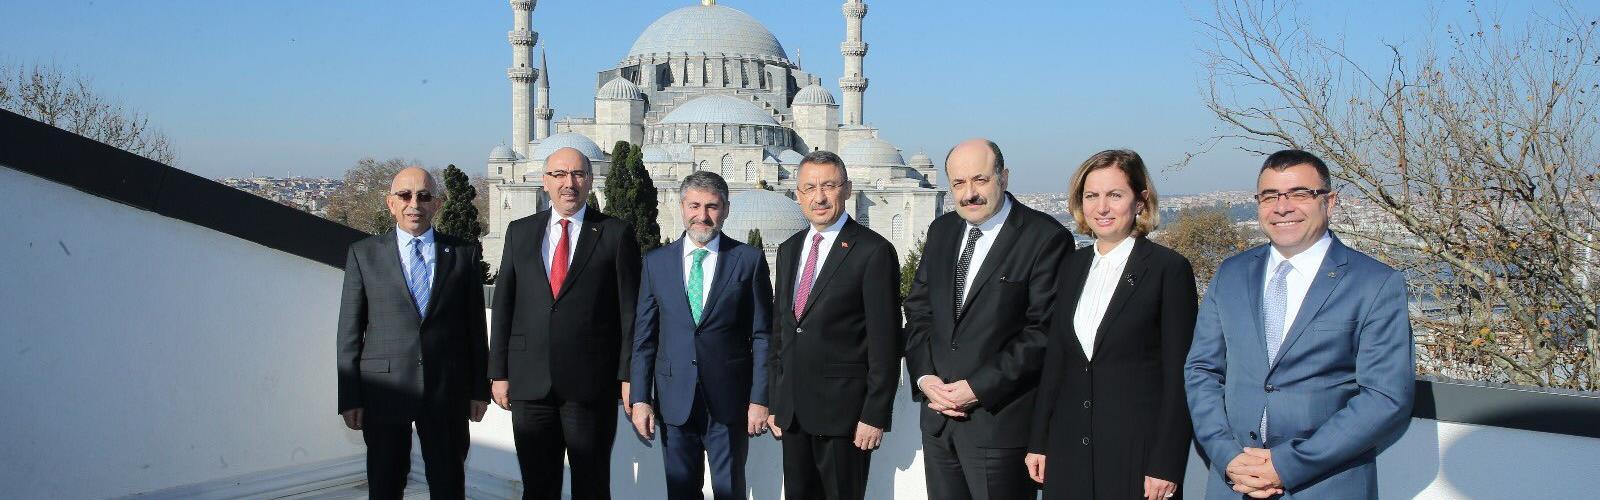 Restorasyonu-Tamamlanan-İstanbul-Üniversitesi-Siyasal-Bilgiler-Fakültesi-Tarihi-Binası-Açıldı